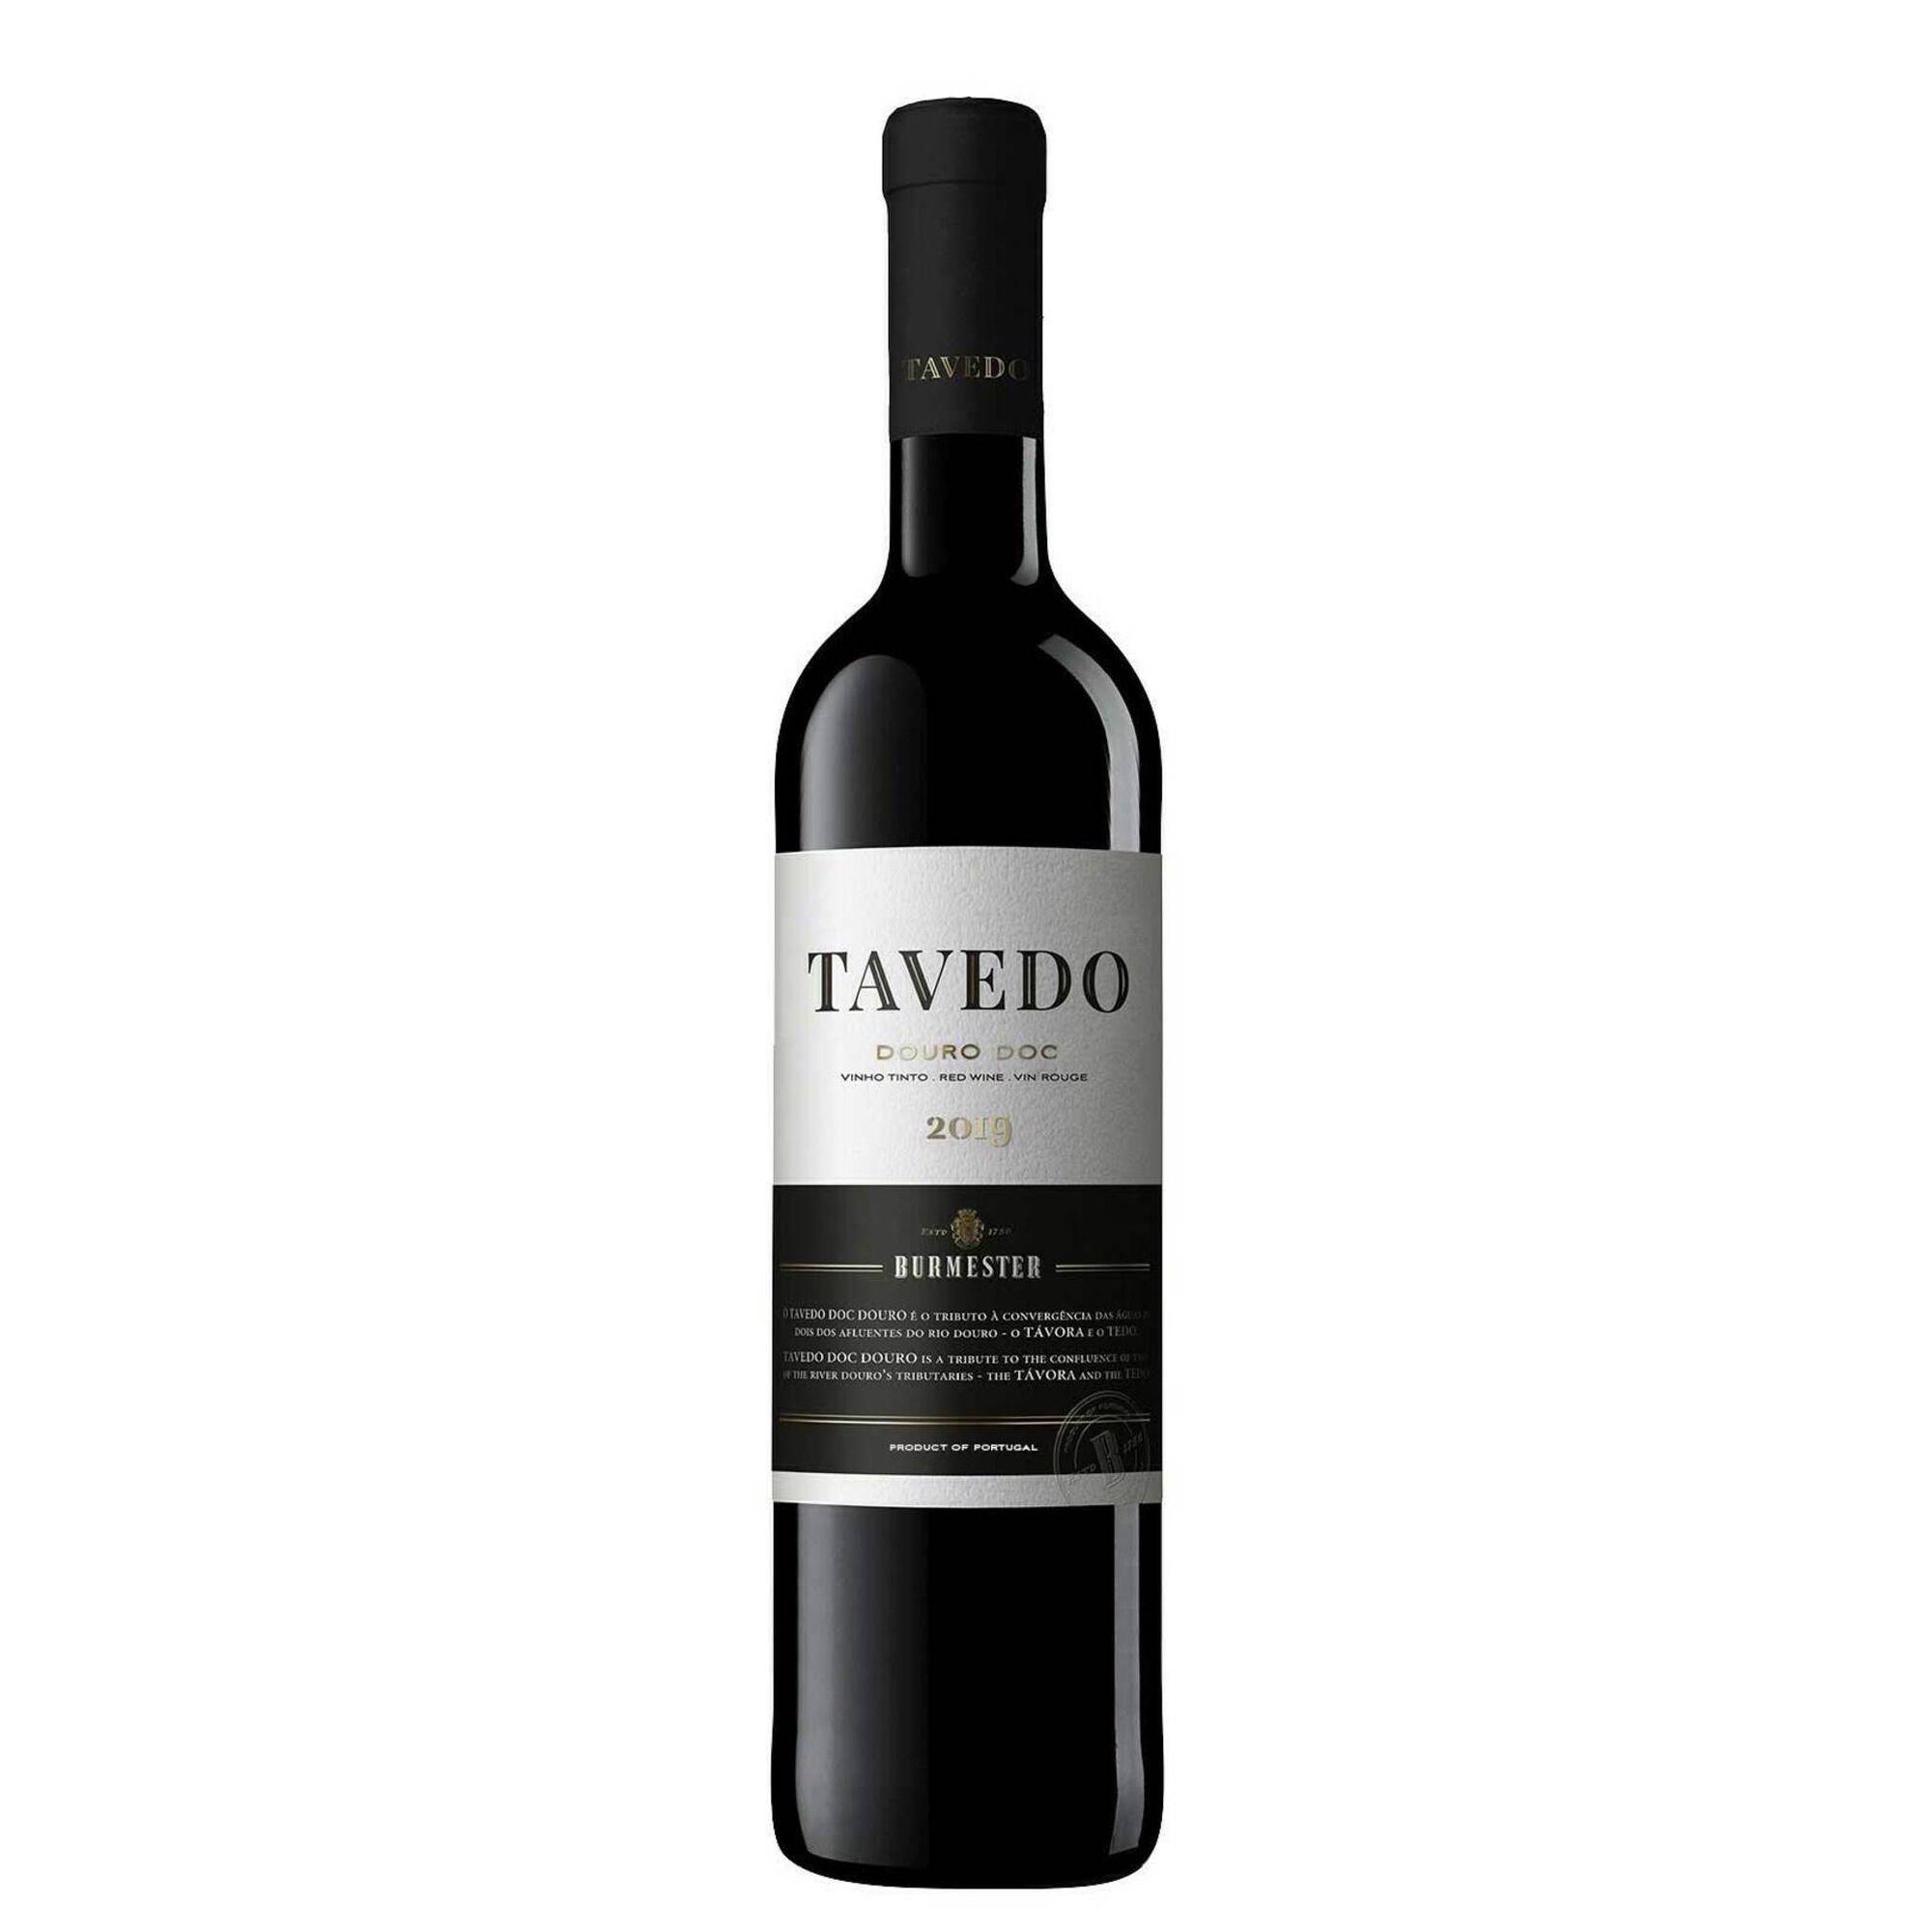 Tavedo DOC Douro Vinho Tinto